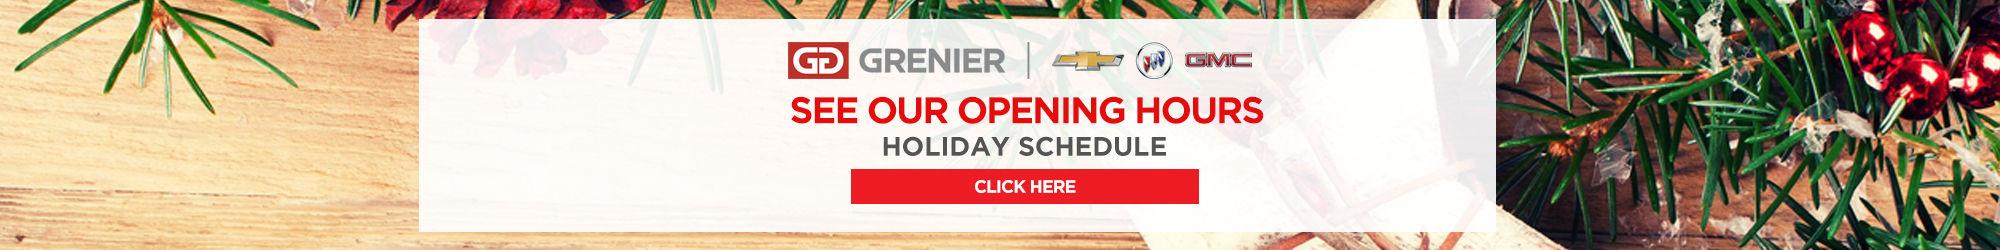 Grenier Chevrolet opening hours